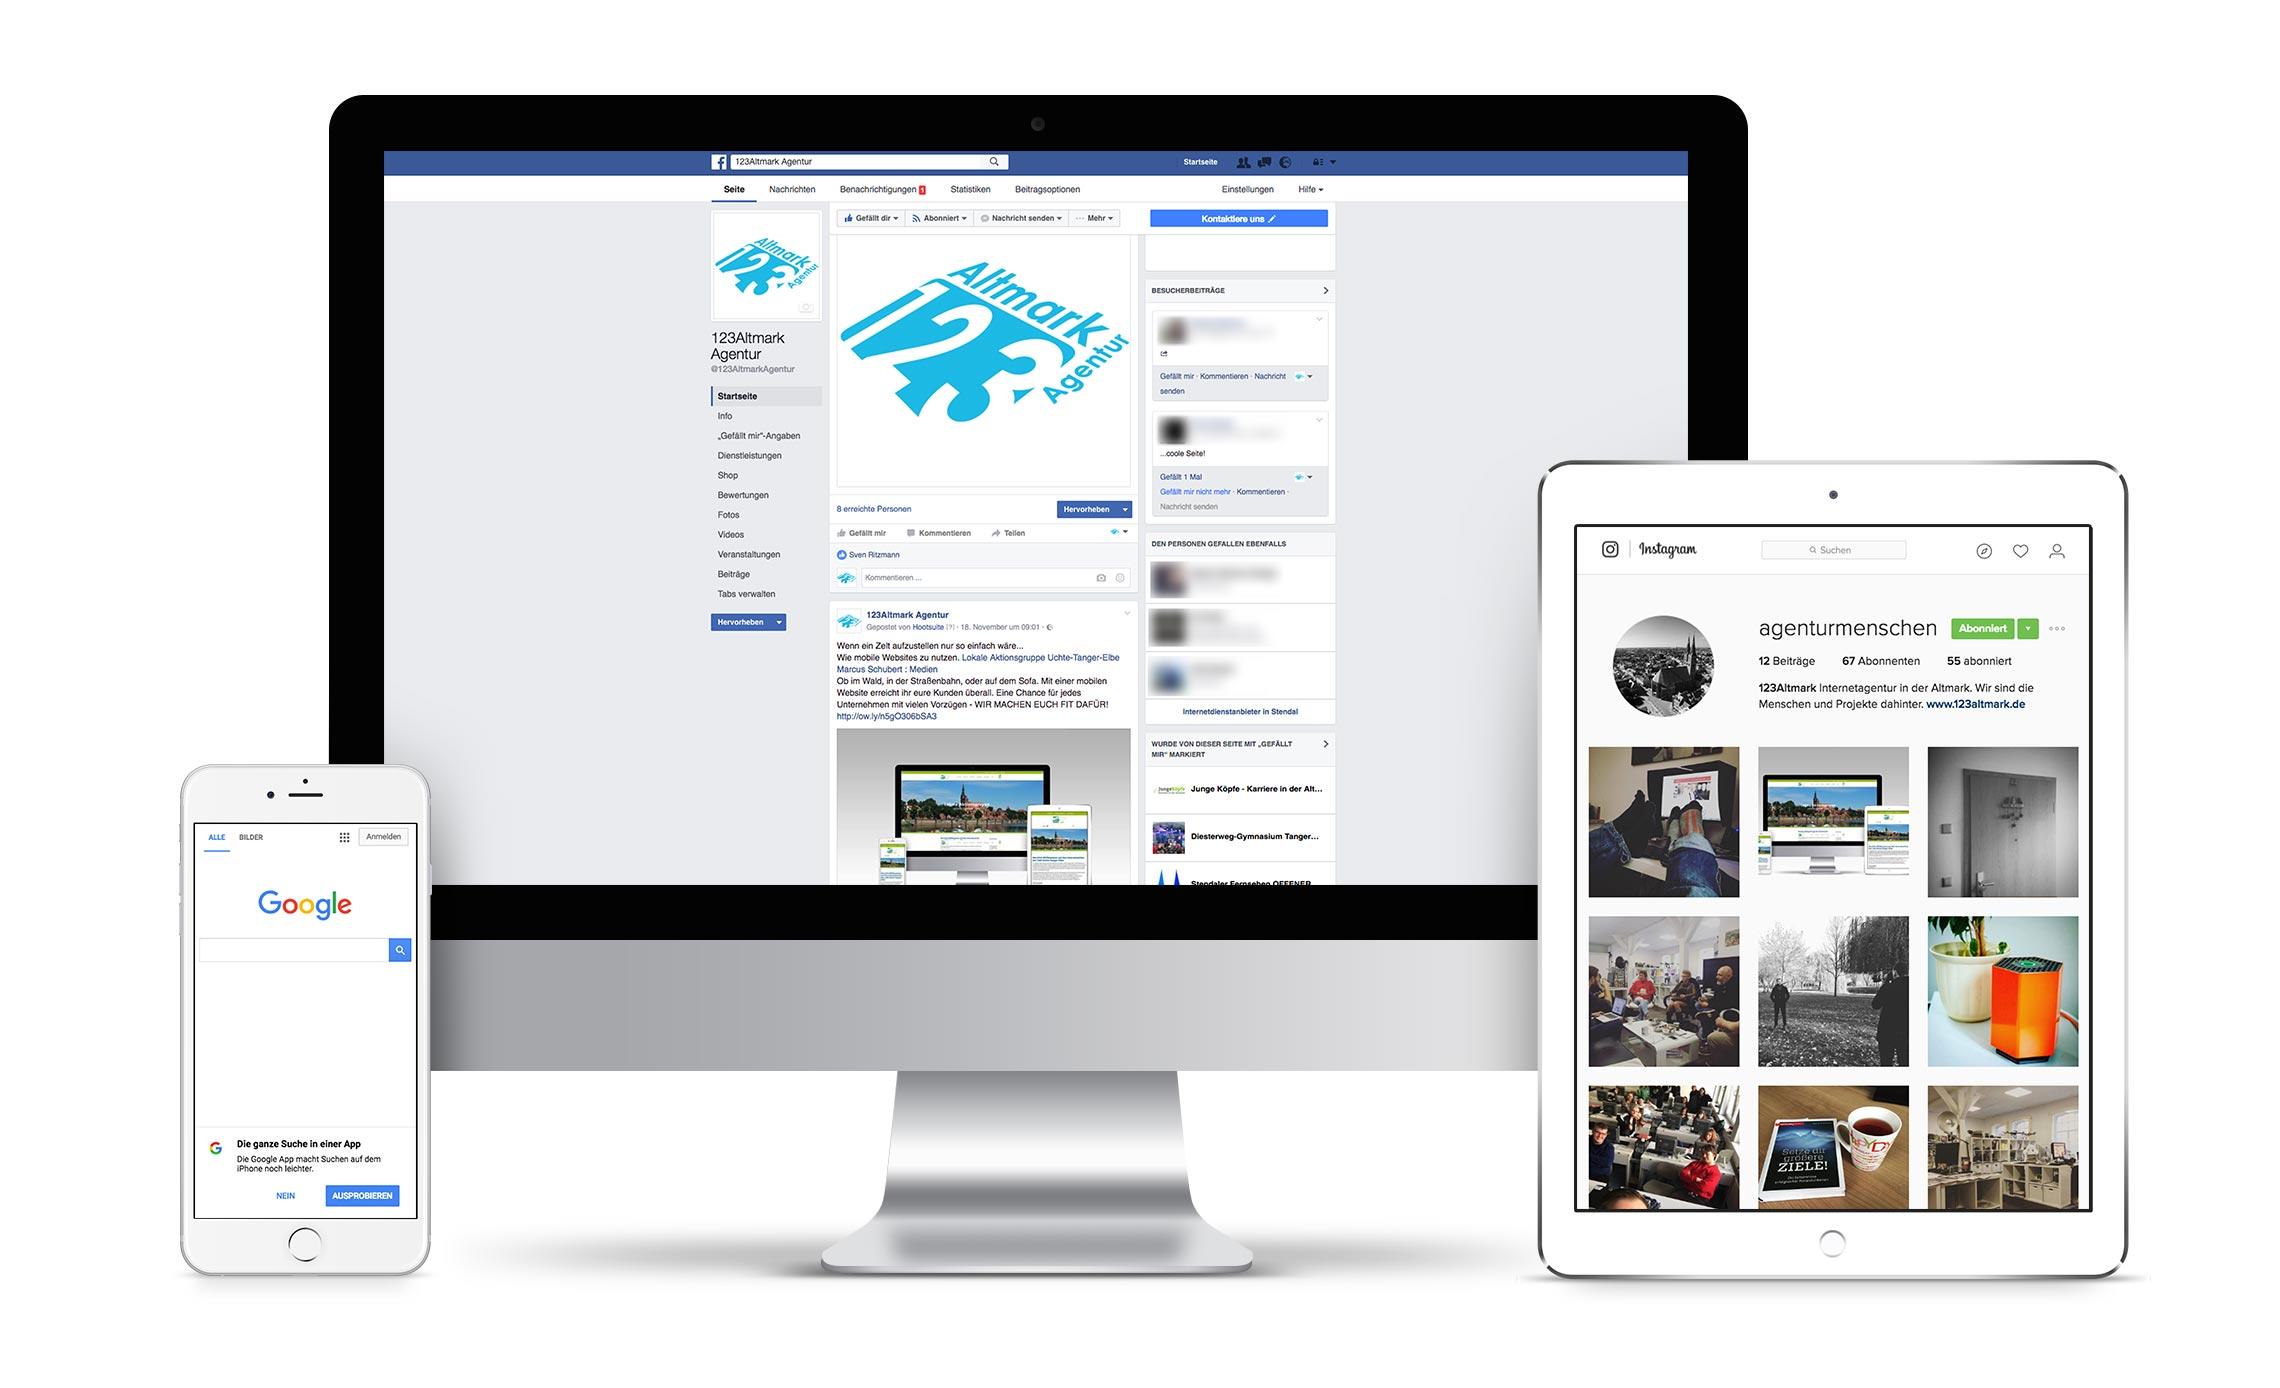 Darstellung der Facebook- und Instagram-Seite 123Altmark Agentur